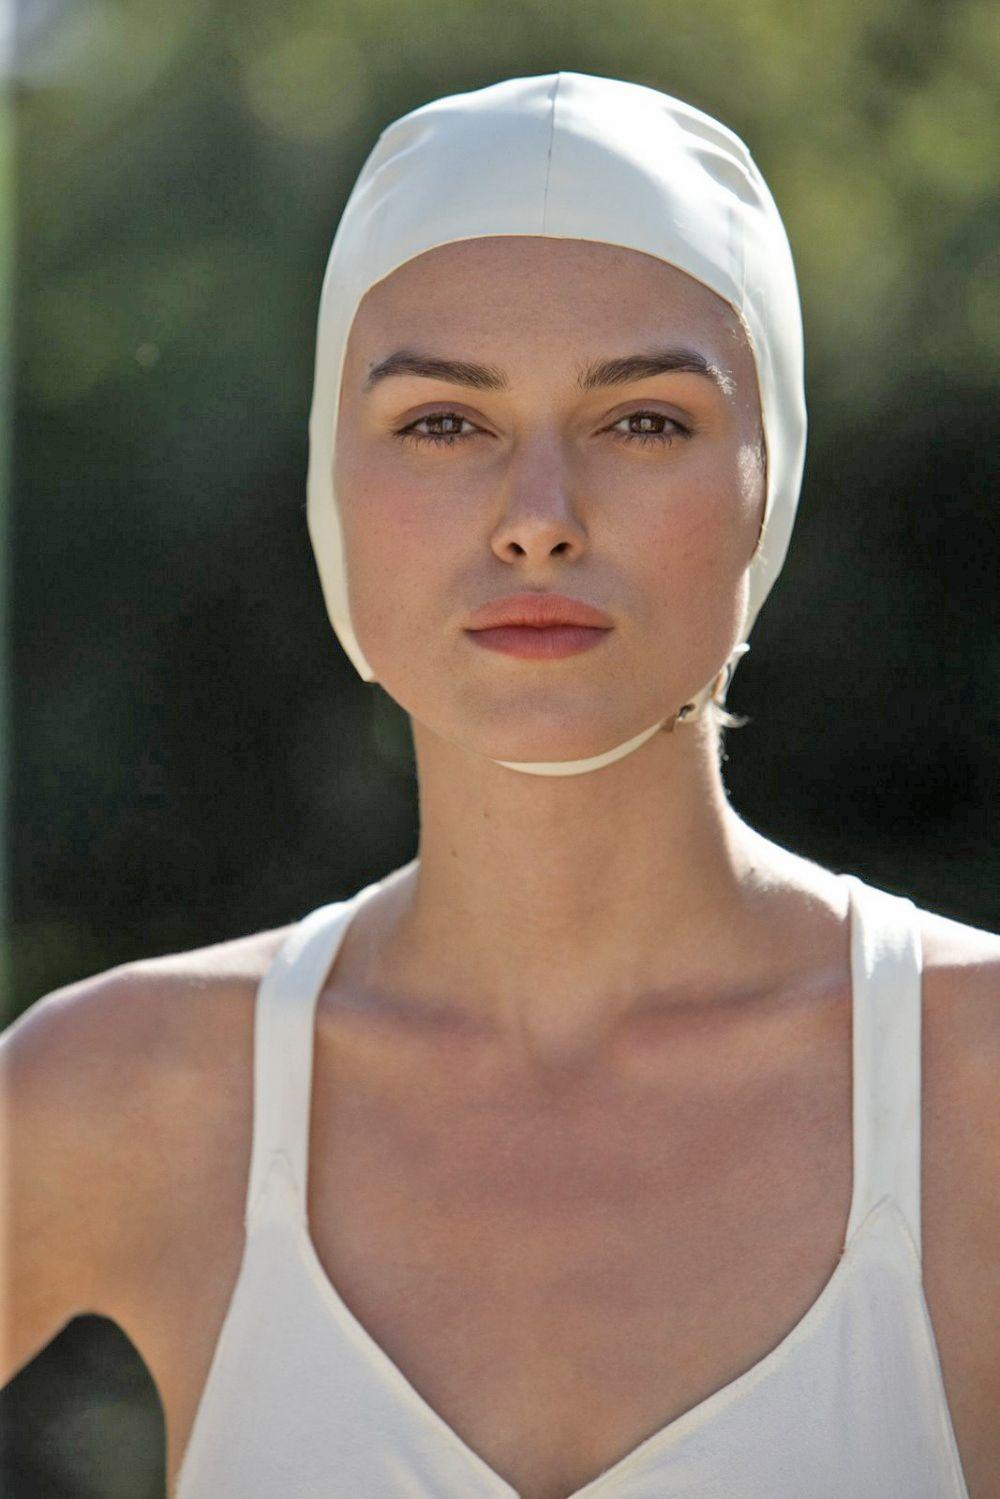 Keira Christina Knightley, modelo y actriz británica de cine y televisión nominada al premio Óscar y conocida por los papeles de Elizabeth Swann en Piratas del Caribe.